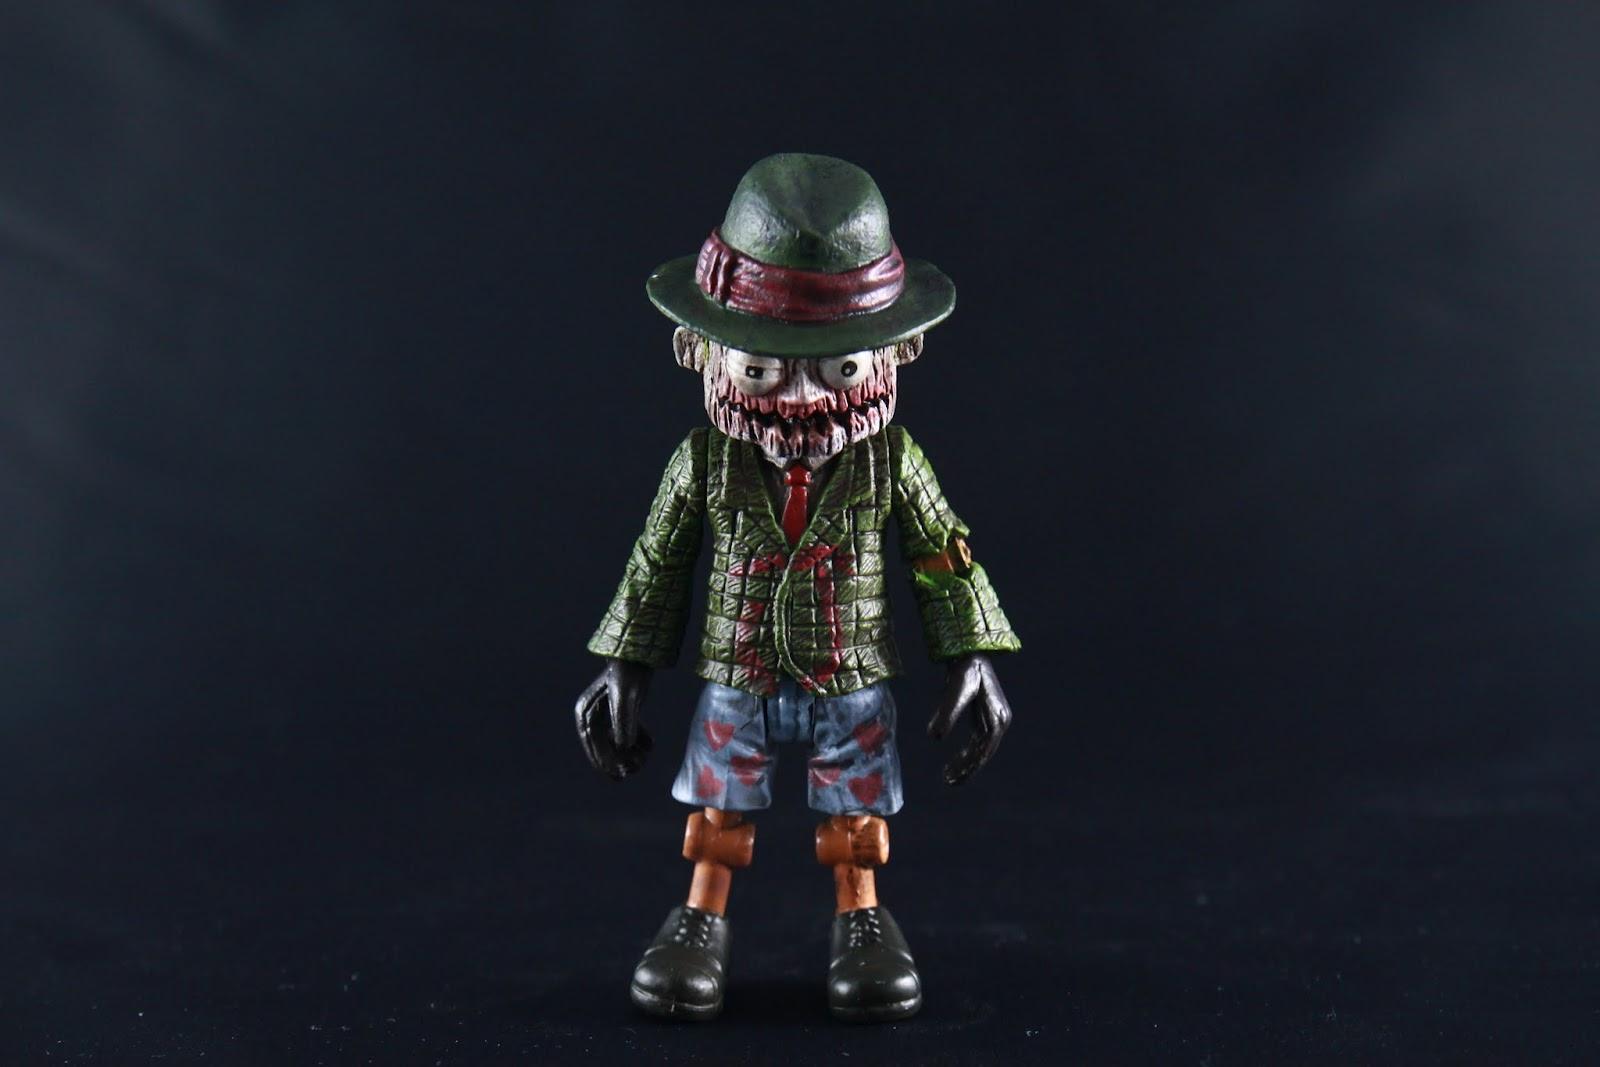 Mr J木偶 是說遊戲我太久沒玩了 有出現這隻我完全沒印象 然後Mr J指的是Joker不是周杰倫